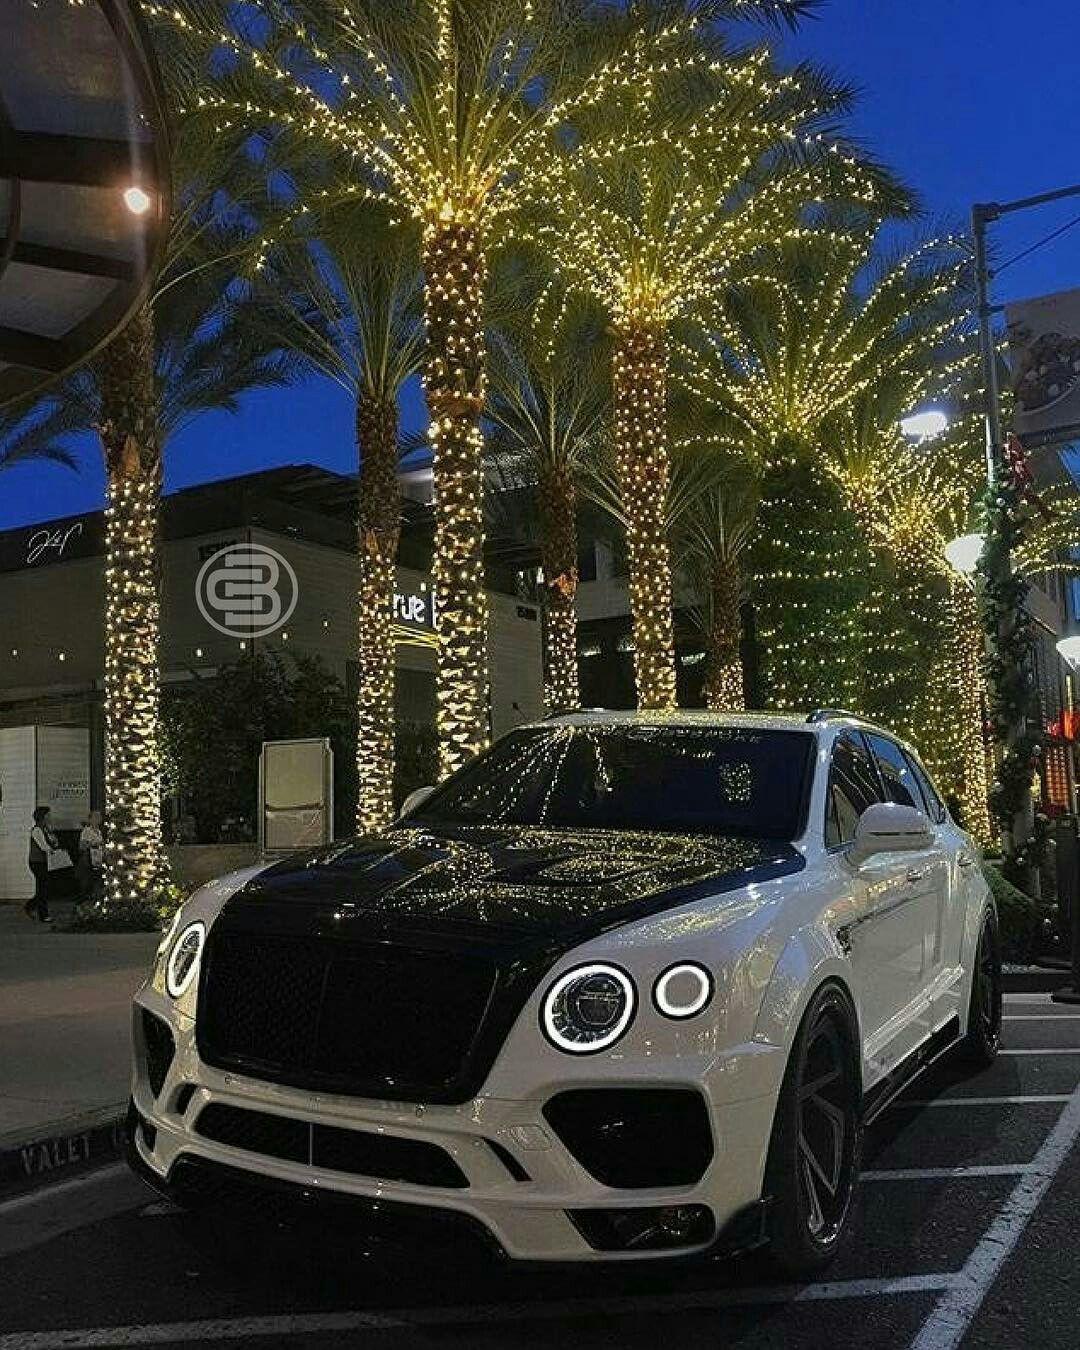 Cars Bentley Suv Luxury Cars: 15 Bentley Suv Fotos